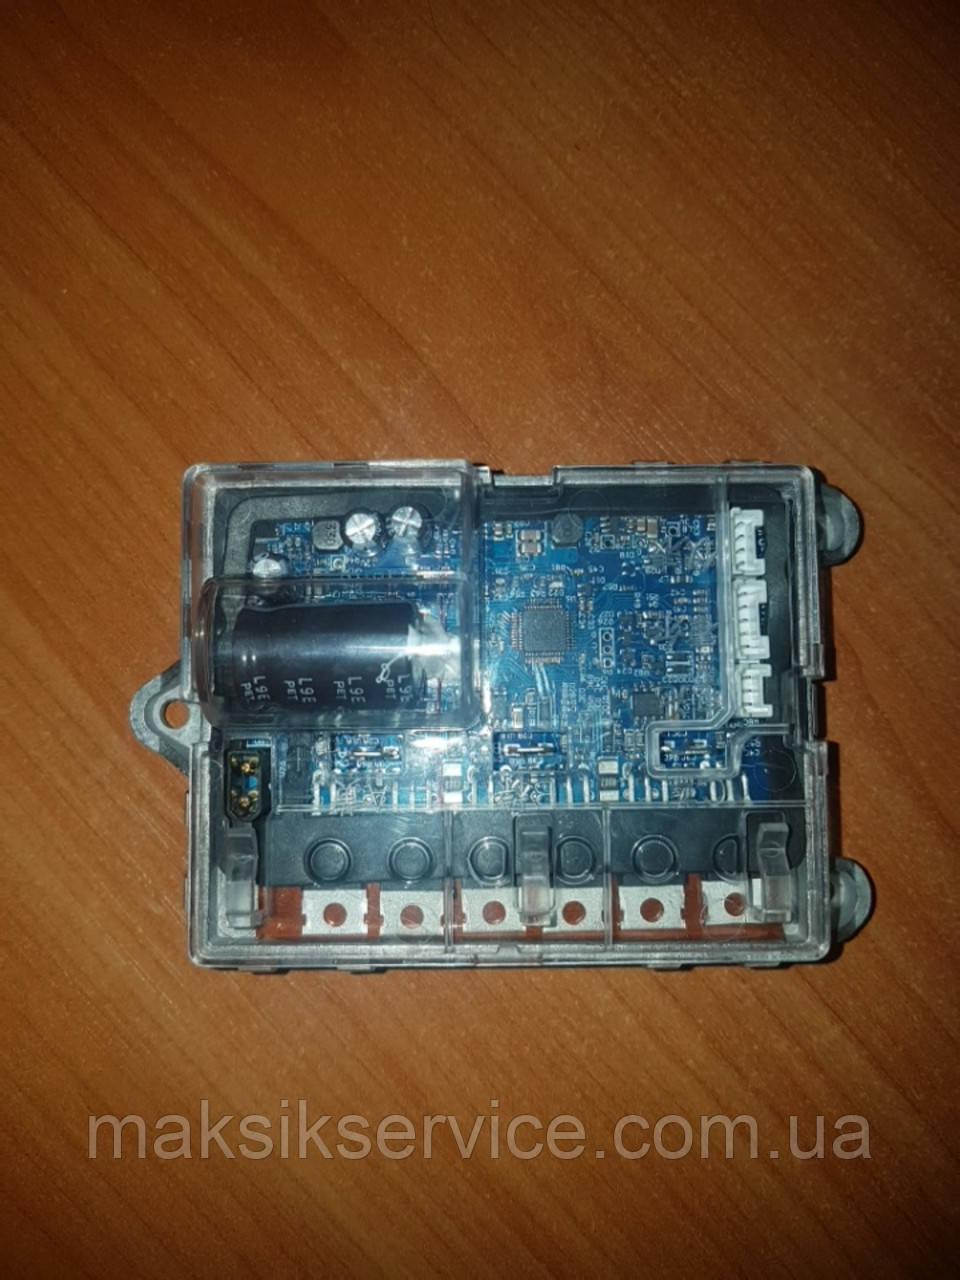 Контроллер электросамоката плата самоката Xiaomi M365